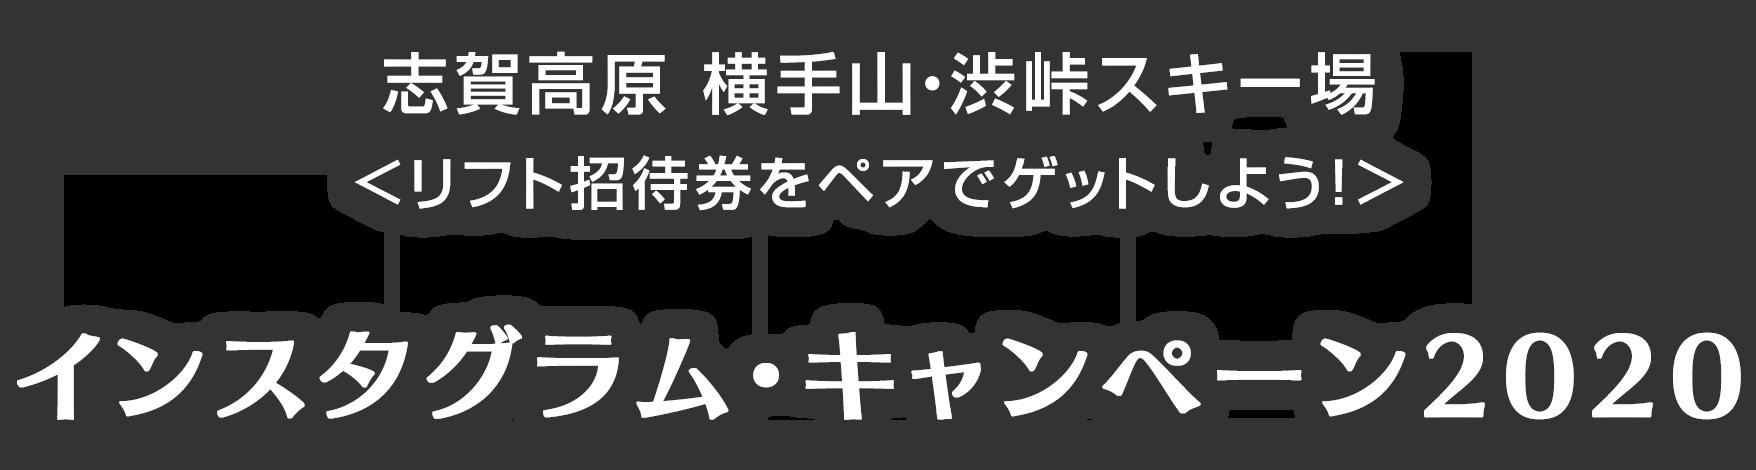 横手山・渋峠スキー場 <リフト招待券をペアでゲットしよう!> インスタグラム・キャンペーン2020